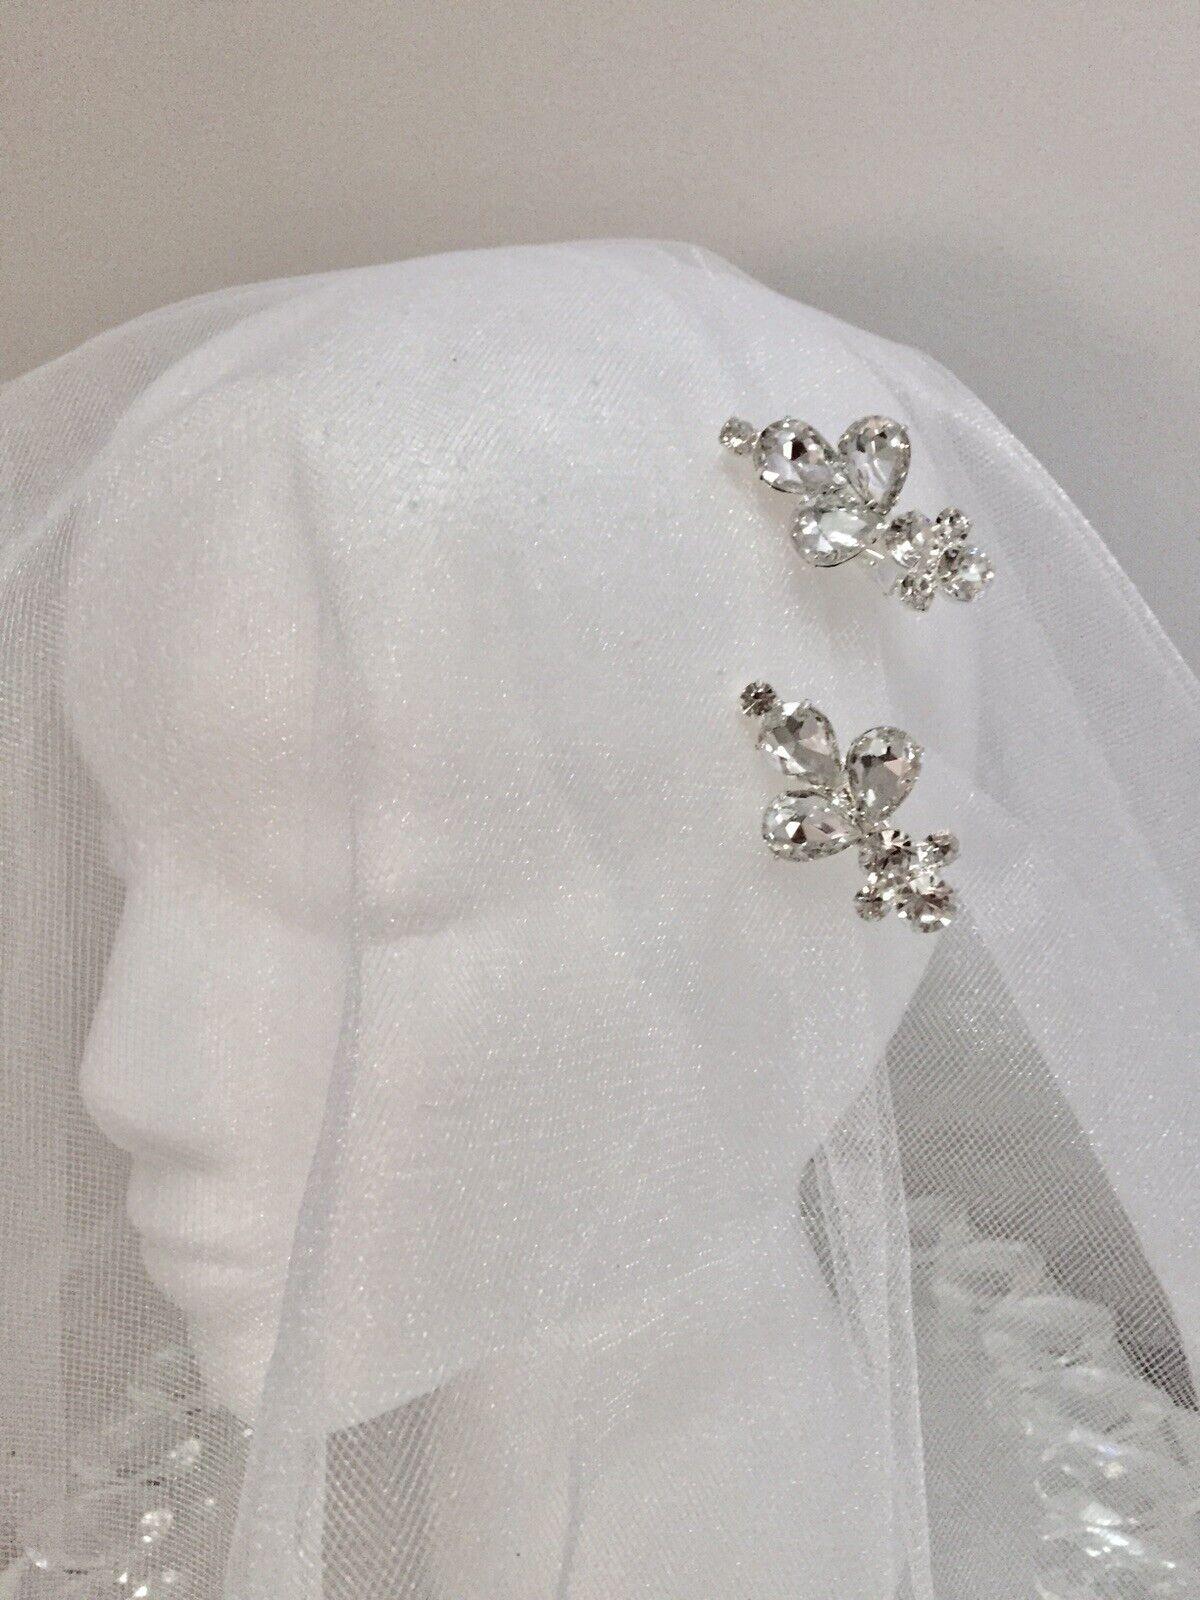 2 Vintage Silver Crystal Bridal Rhinestone Hair Clips Luxury Wedding Headband